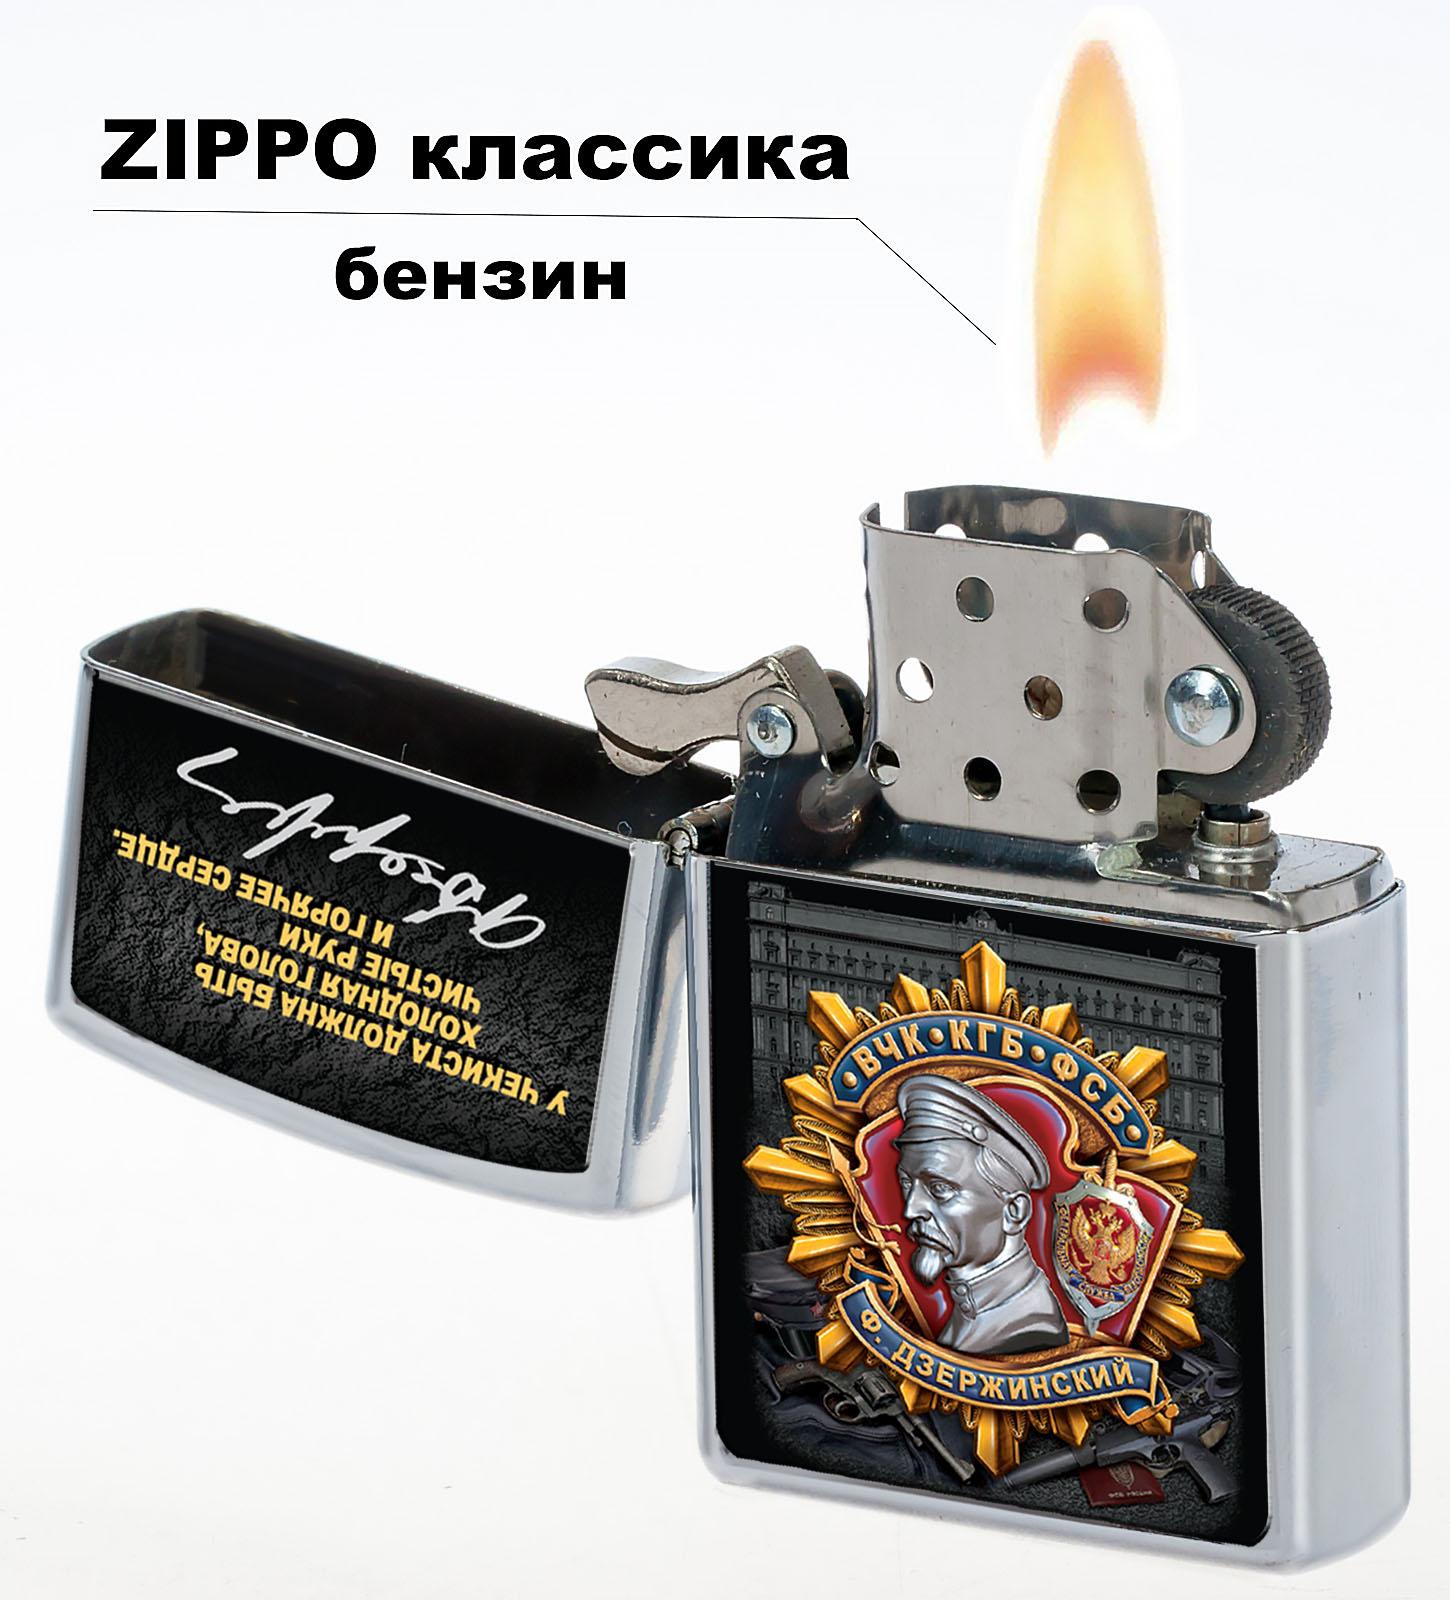 Авторская металлическая зажигалка - с символикой ВЧК-КГБ-ФСБ